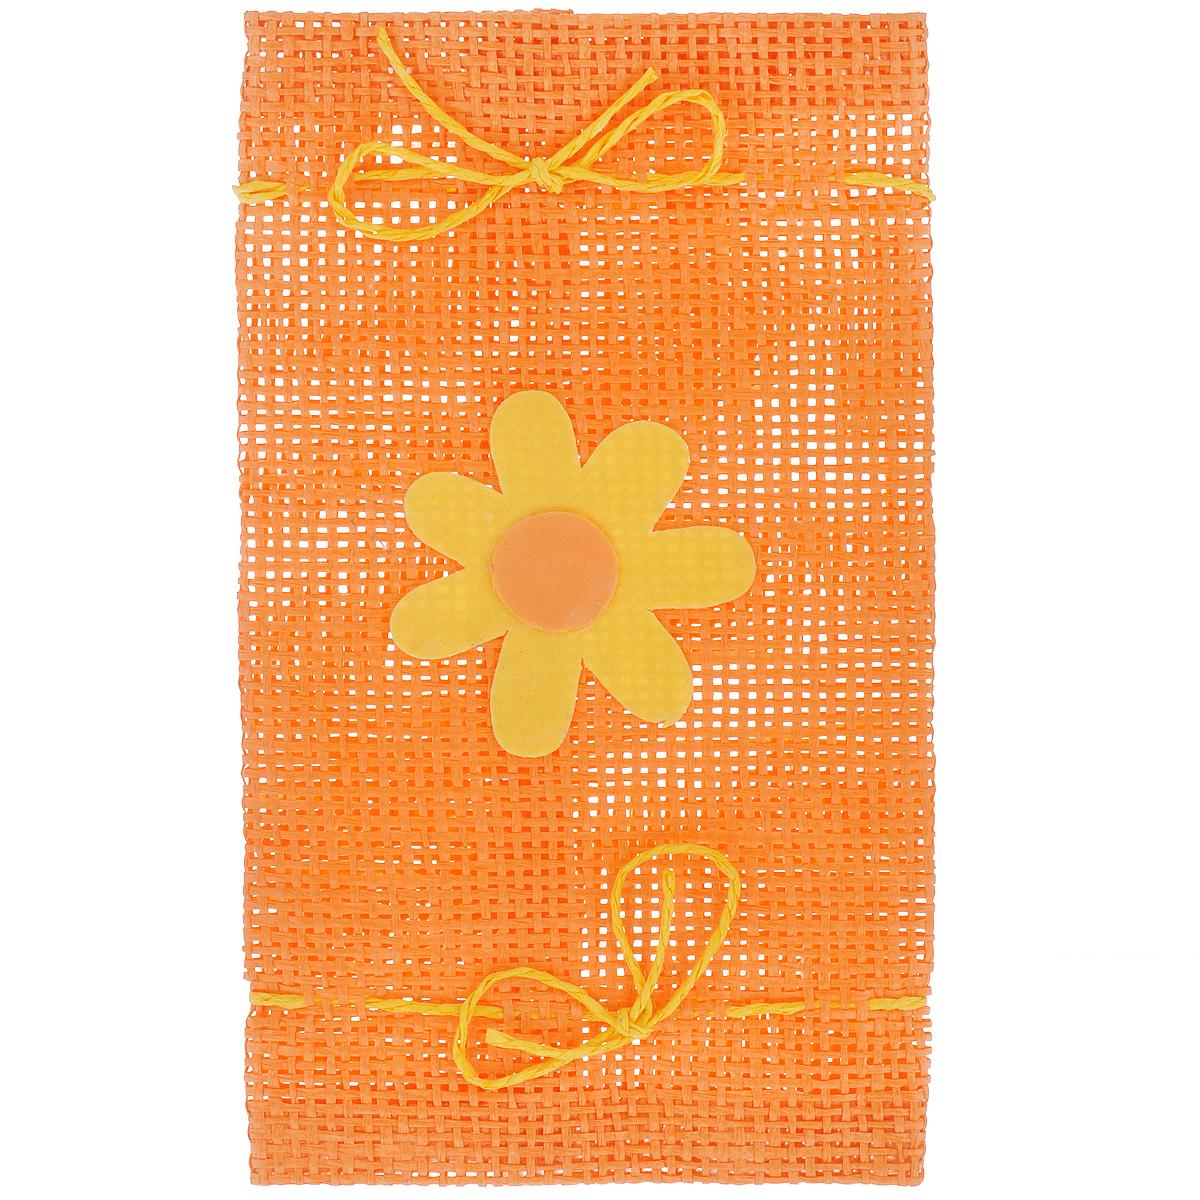 Подарочная упаковка Home Queen Конфетка, цвет: оранжевый, 10,5 х 19 см64493_5Подарочная упаковка Home Queen Конфетка, выполненная из высококачественного полиэстера, декорирована цветком. Изделие имеет два шнурка по бокам. В такую подарочную упаковку можно вставить бутылку вина или вложить конверт. Подарок, преподнесенный в оригинальной упаковке, всегда будет самым эффектным и запоминающимся. Окружите близких людей вниманием и заботой, вручив презент в нарядном, праздничном оформлении.